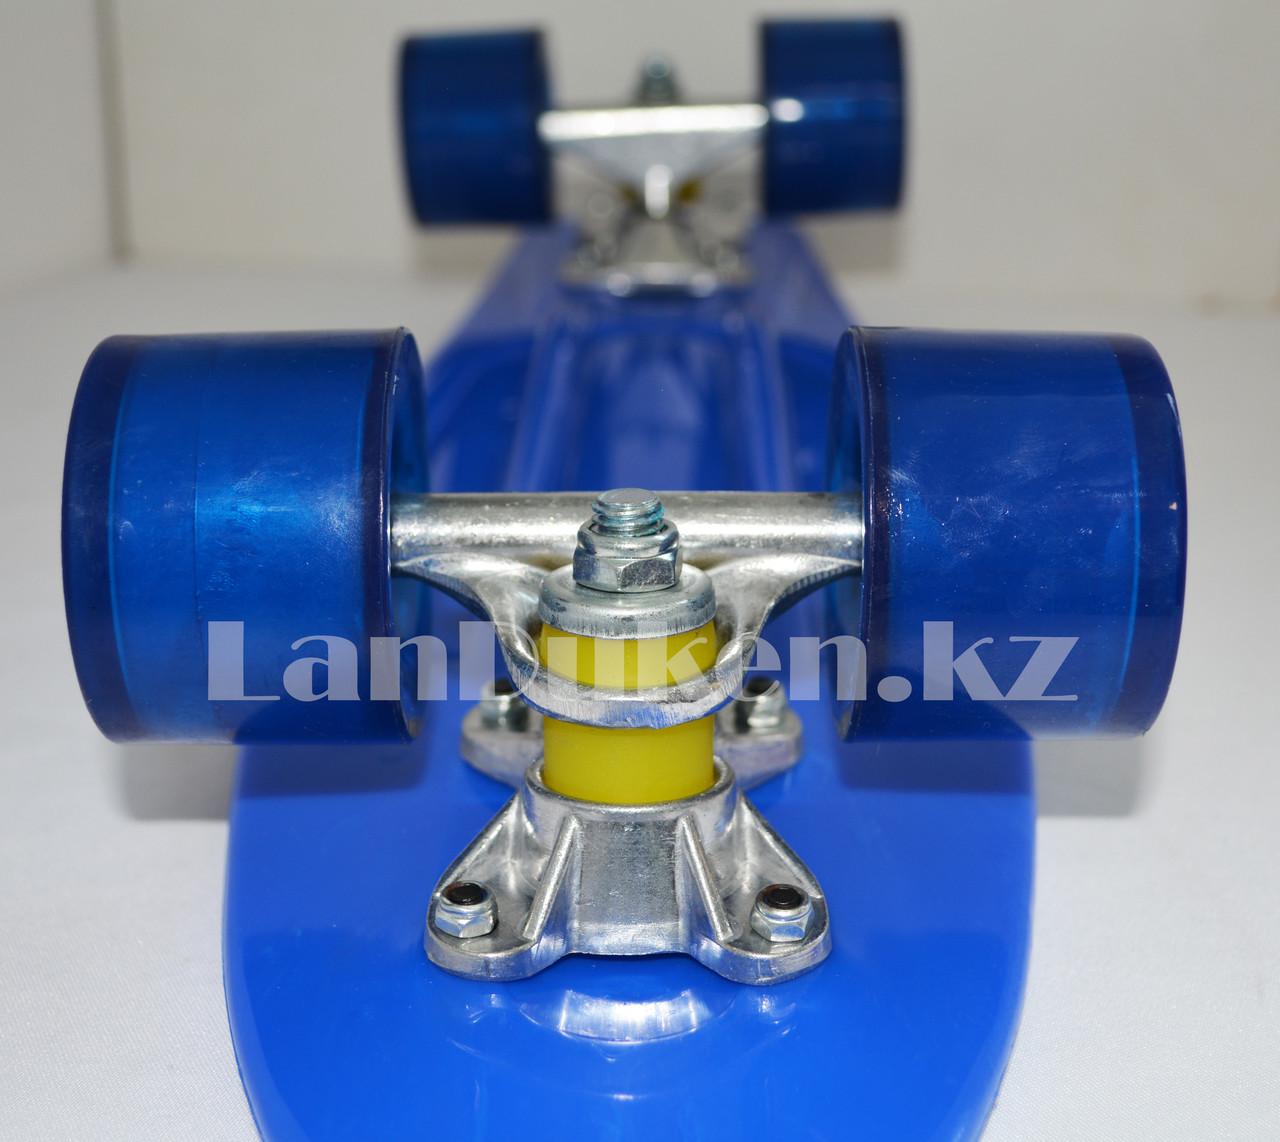 Пенни борд подростковый 56*15 Penny Board с гелевыми колесами синий - фото 7